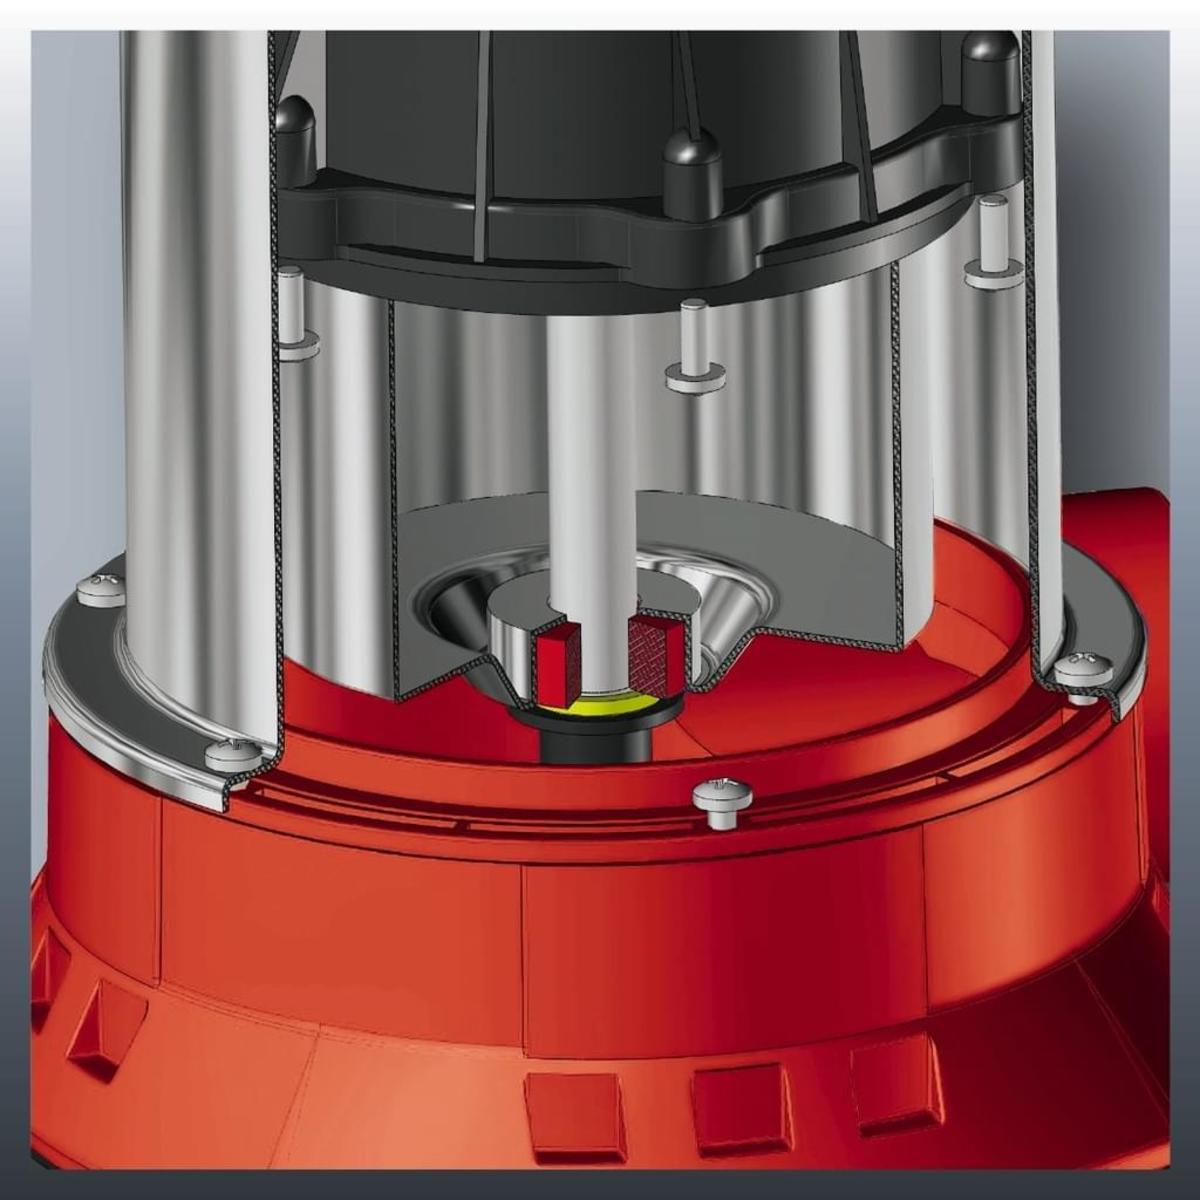 Bild 2 von Einhell Schmutzwasserpumpe GE-DP 3925 ECO, Leistung 390 Watt, Fördermenge max. 10000 l/h, 4170710